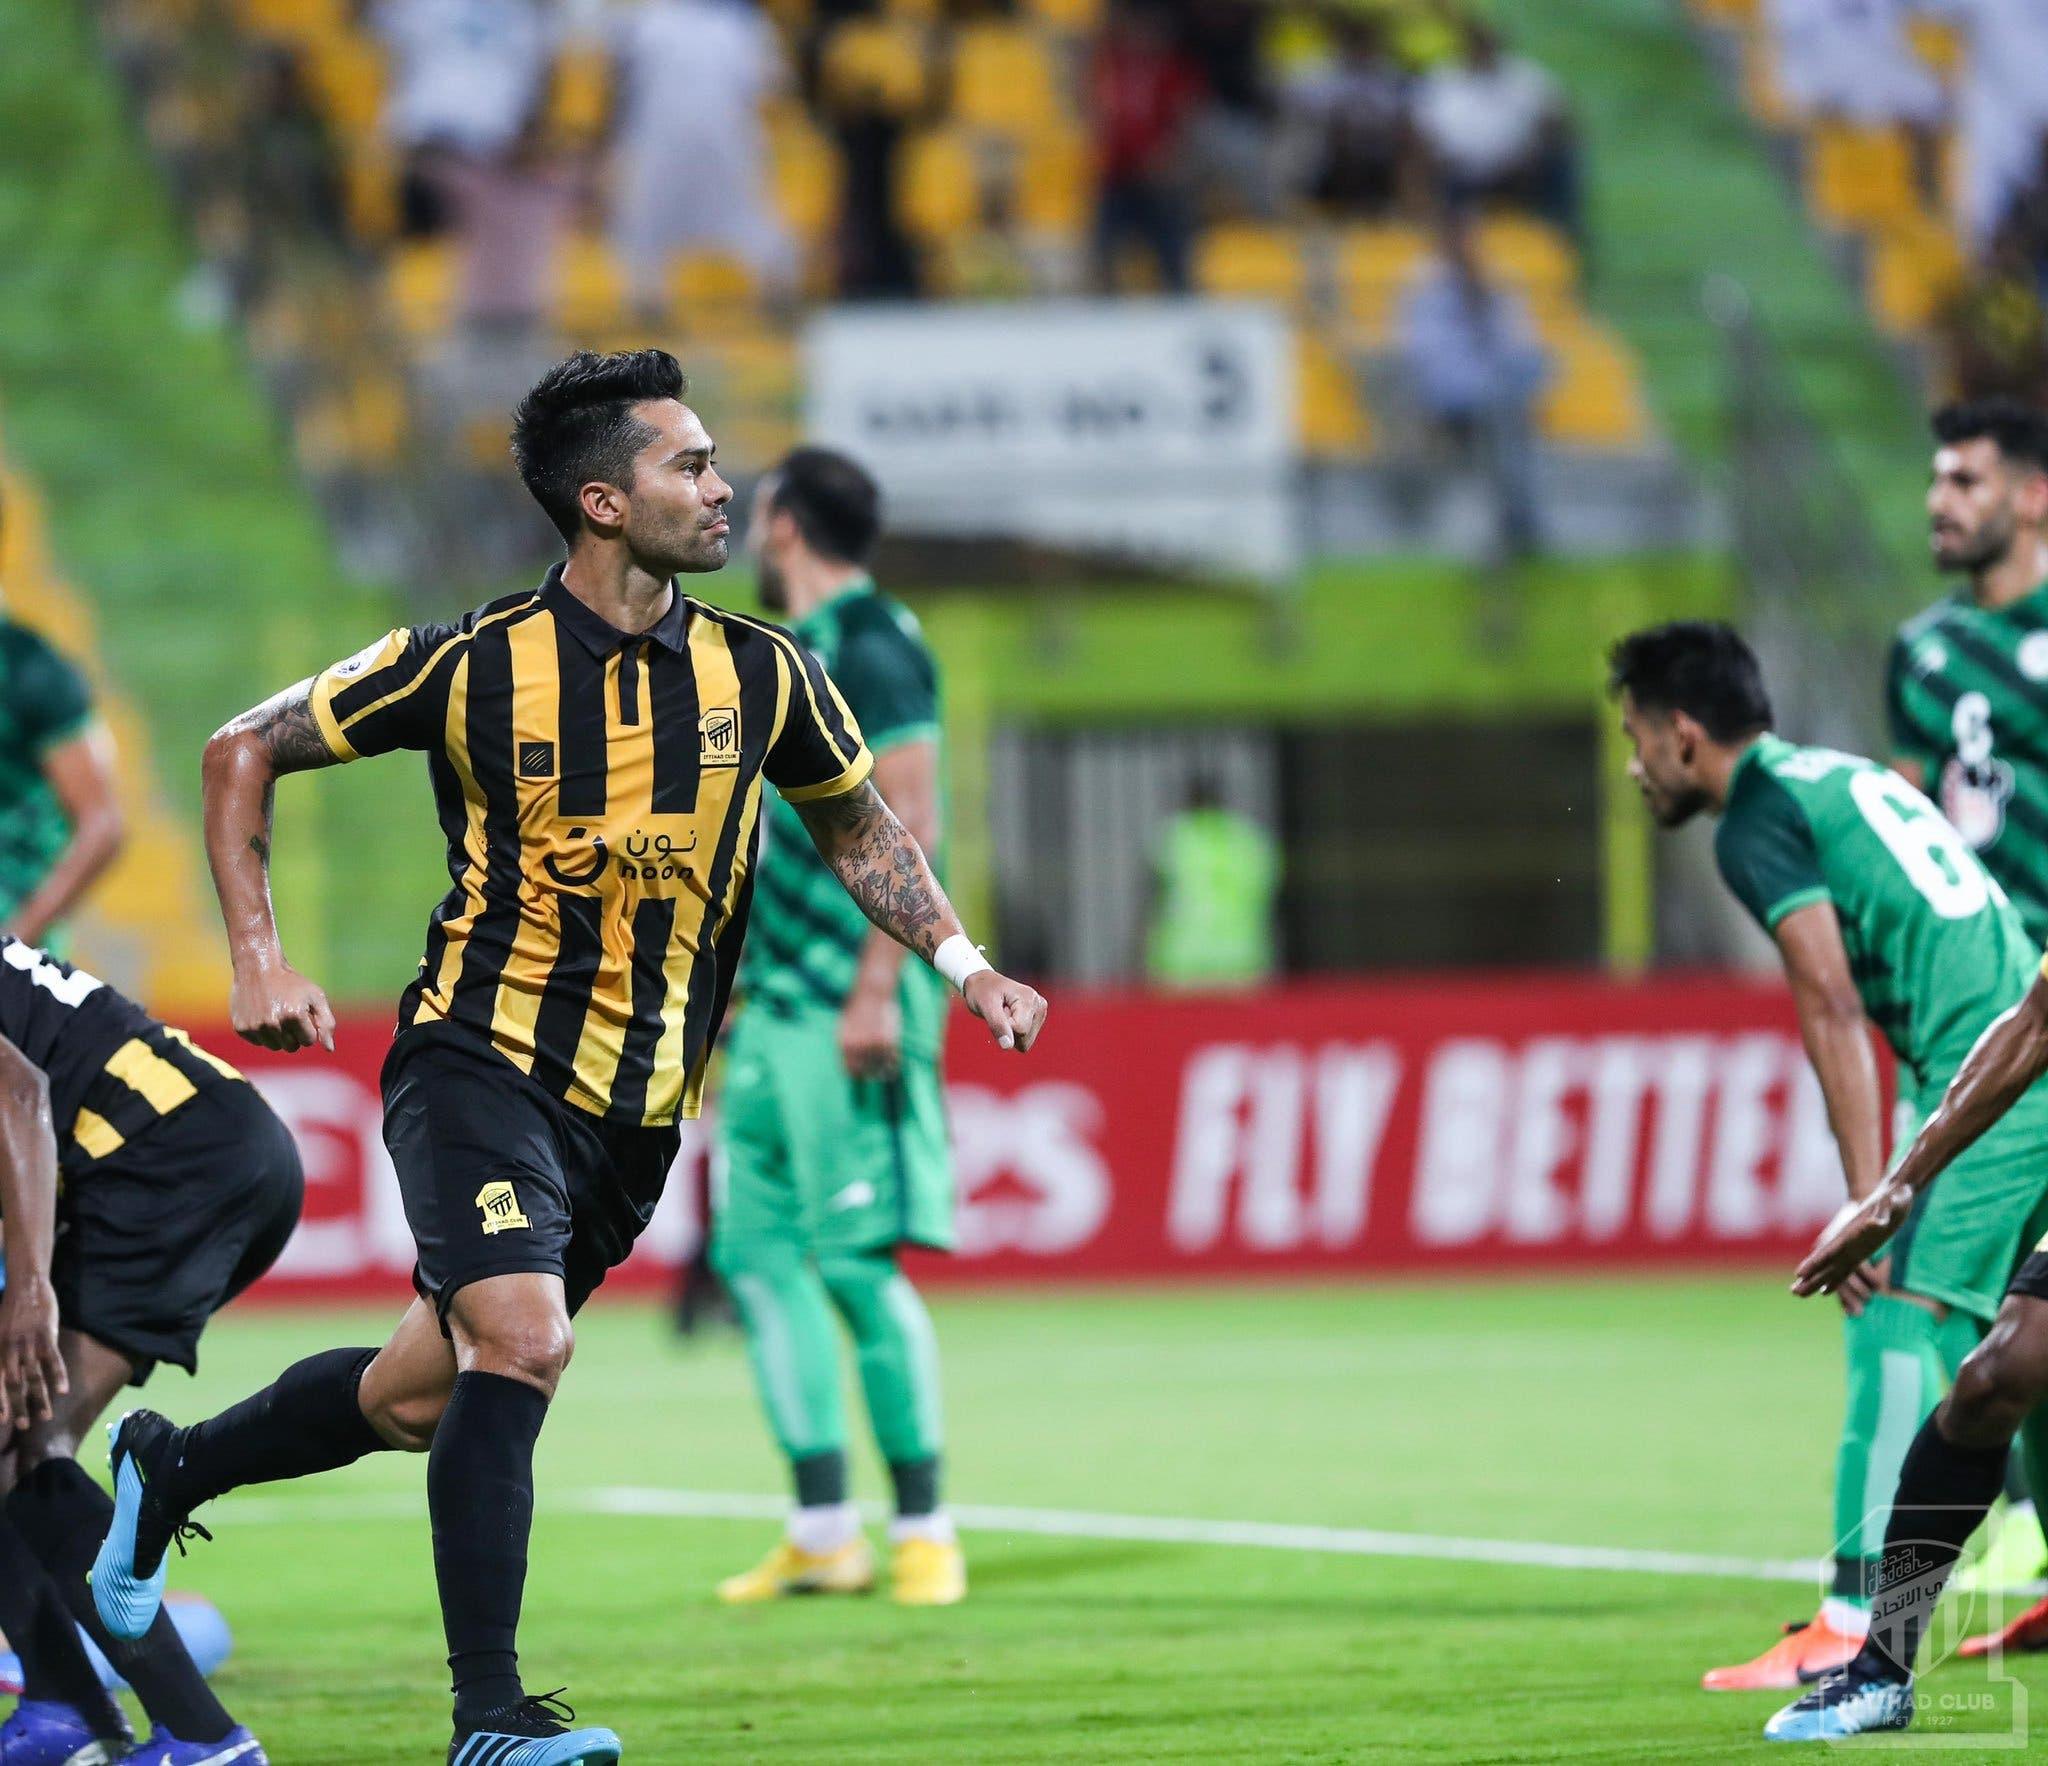 فرحته بعد هدفه  ضد ذوب آهن اصفهان الإيراني